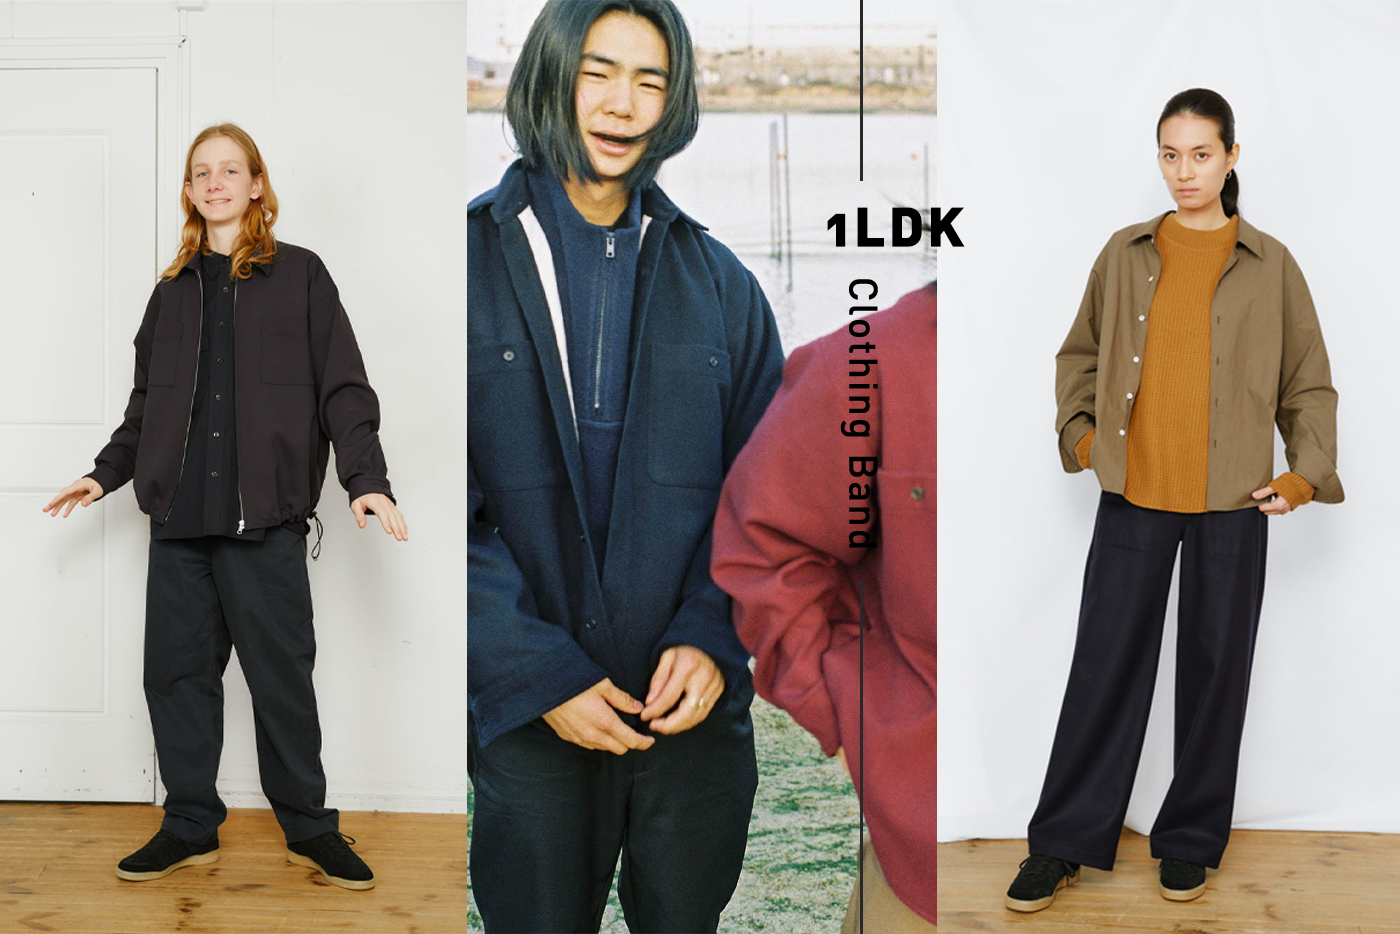 日本品牌,日系衣服,日本服裝,日本設計師,日本衣服,日本衣服品牌日本設計,日本服裝設計師,日本,日系衣服,日本服裝史,日本服裝歷史,日本選貨店,日本選貨品牌,1LDK,UNIVERSAL PRODUCTS,Every Condition Life,MY,1LDK Stand Buy Me,Hender Scheme,UNUSEDE,NXUSVII,今野智弘,stein,YOKE,and wander,Fresh Service,Children of Discordance,JOURNAL STANDARD,YAECA ,F/CE